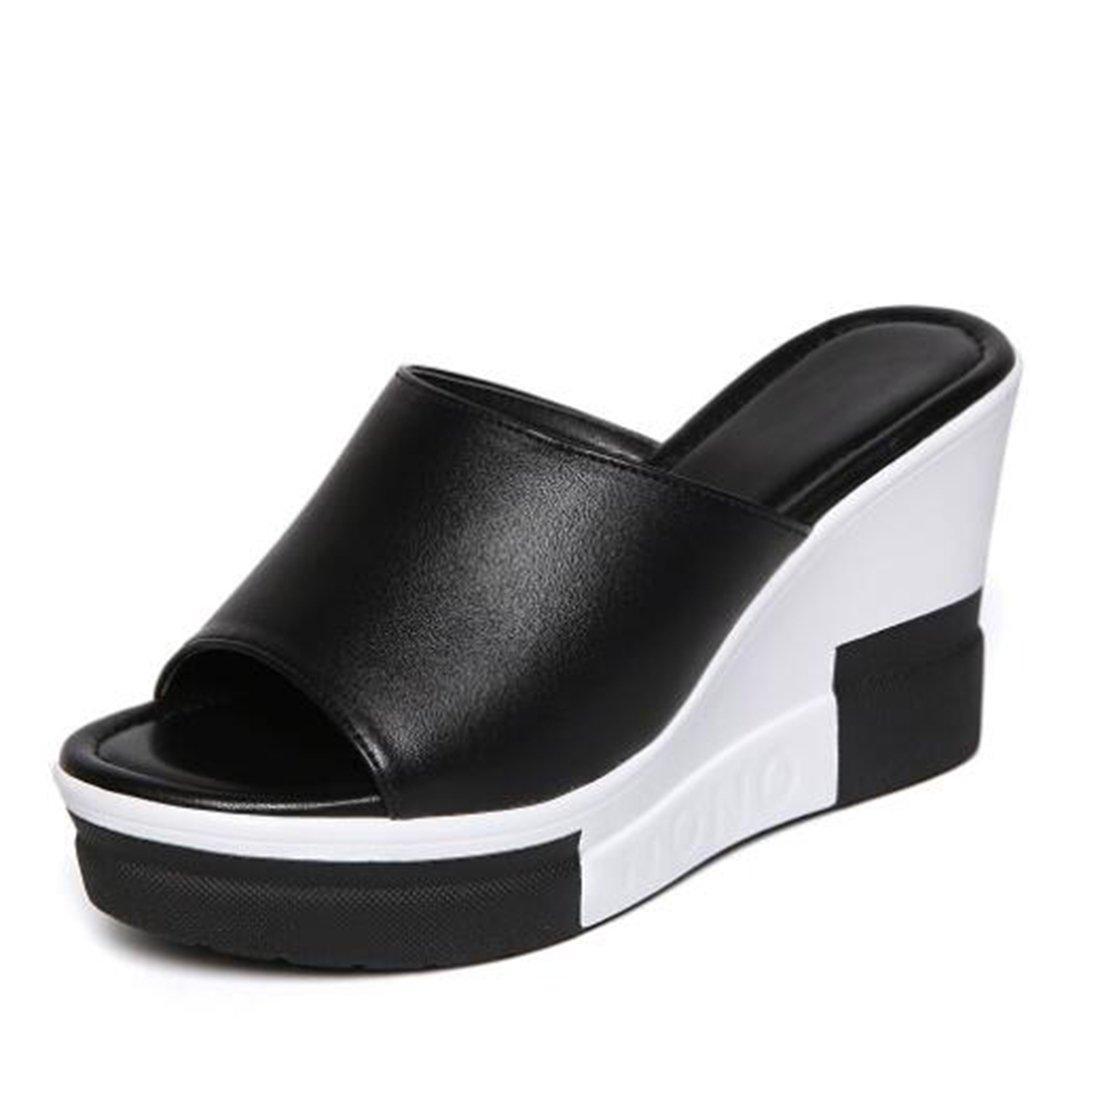 ZHONGST Damen Sommer Sandalen Wedges Sandalen  Hausschuhe Fashion Platform Sandalen  37 EU|Black